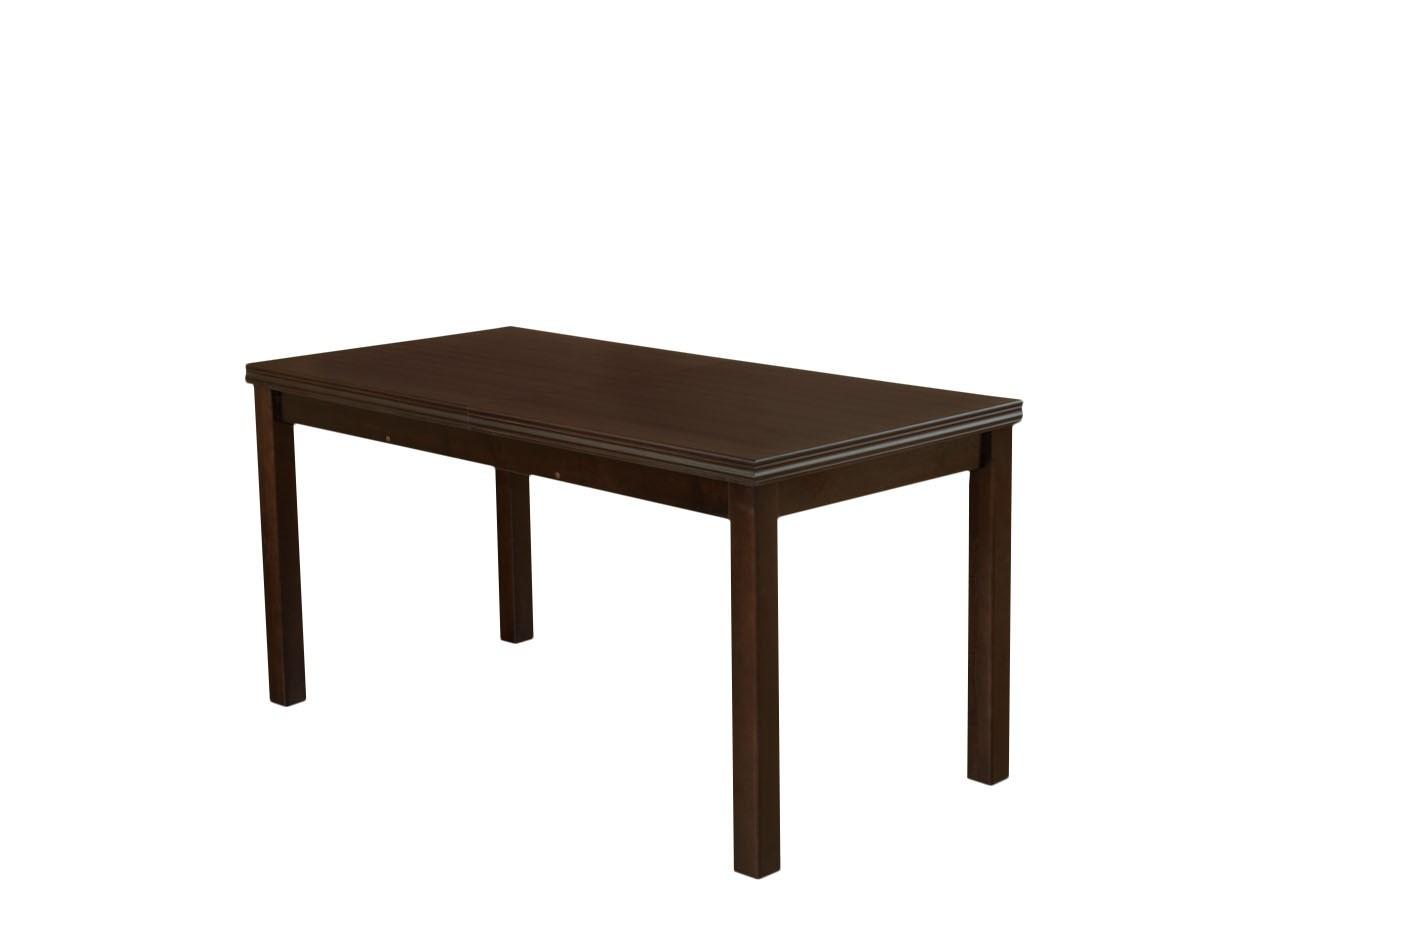 Stół SM16 nowoczesny funkcjonalny rozkładany do 180 cm